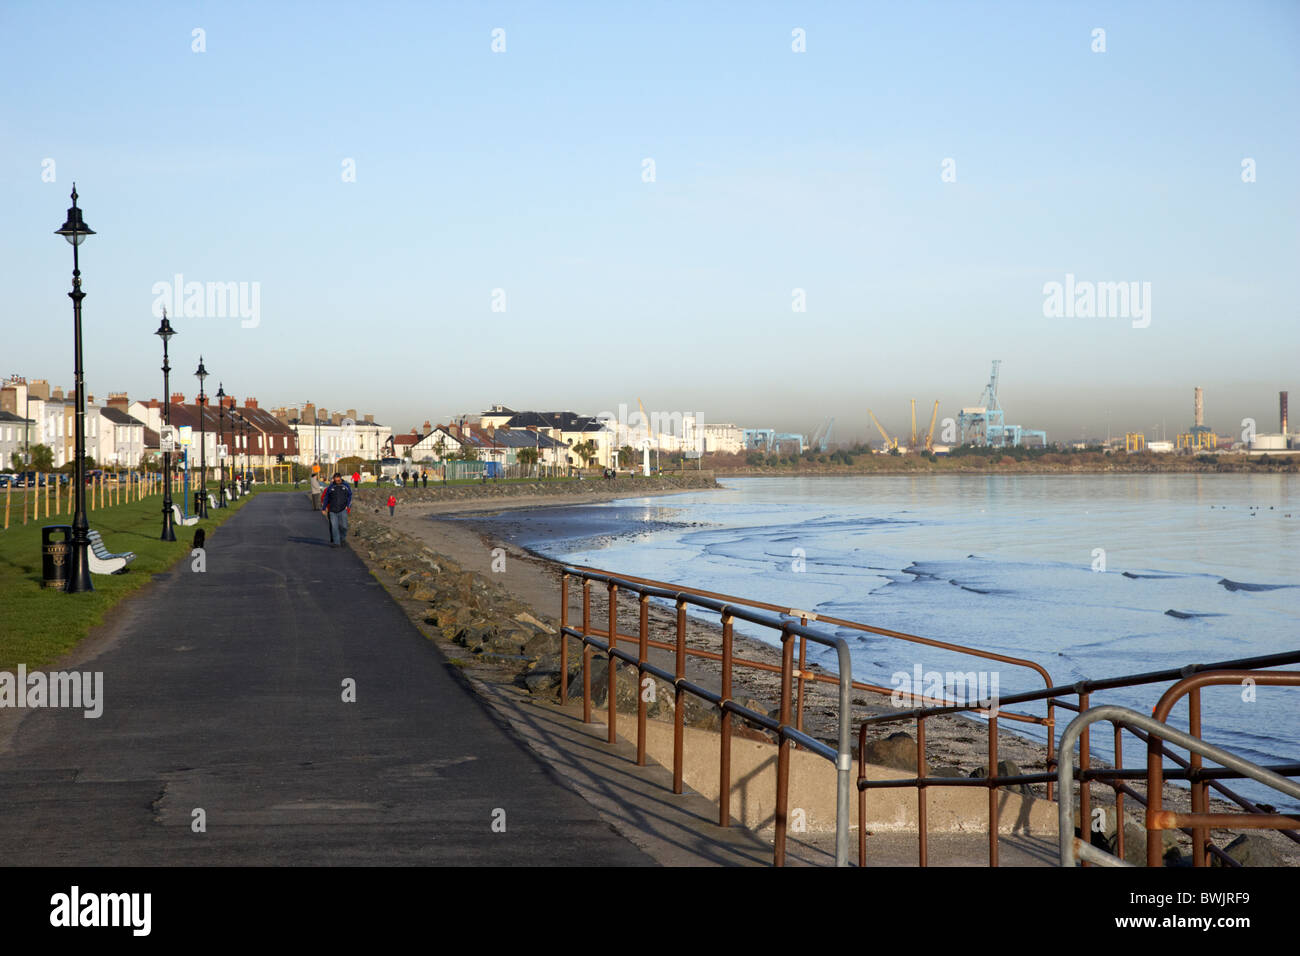 Paseo en la ZPE de Sandymount Strand playa en la bahía de Dublín, República de Irlanda Foto de stock